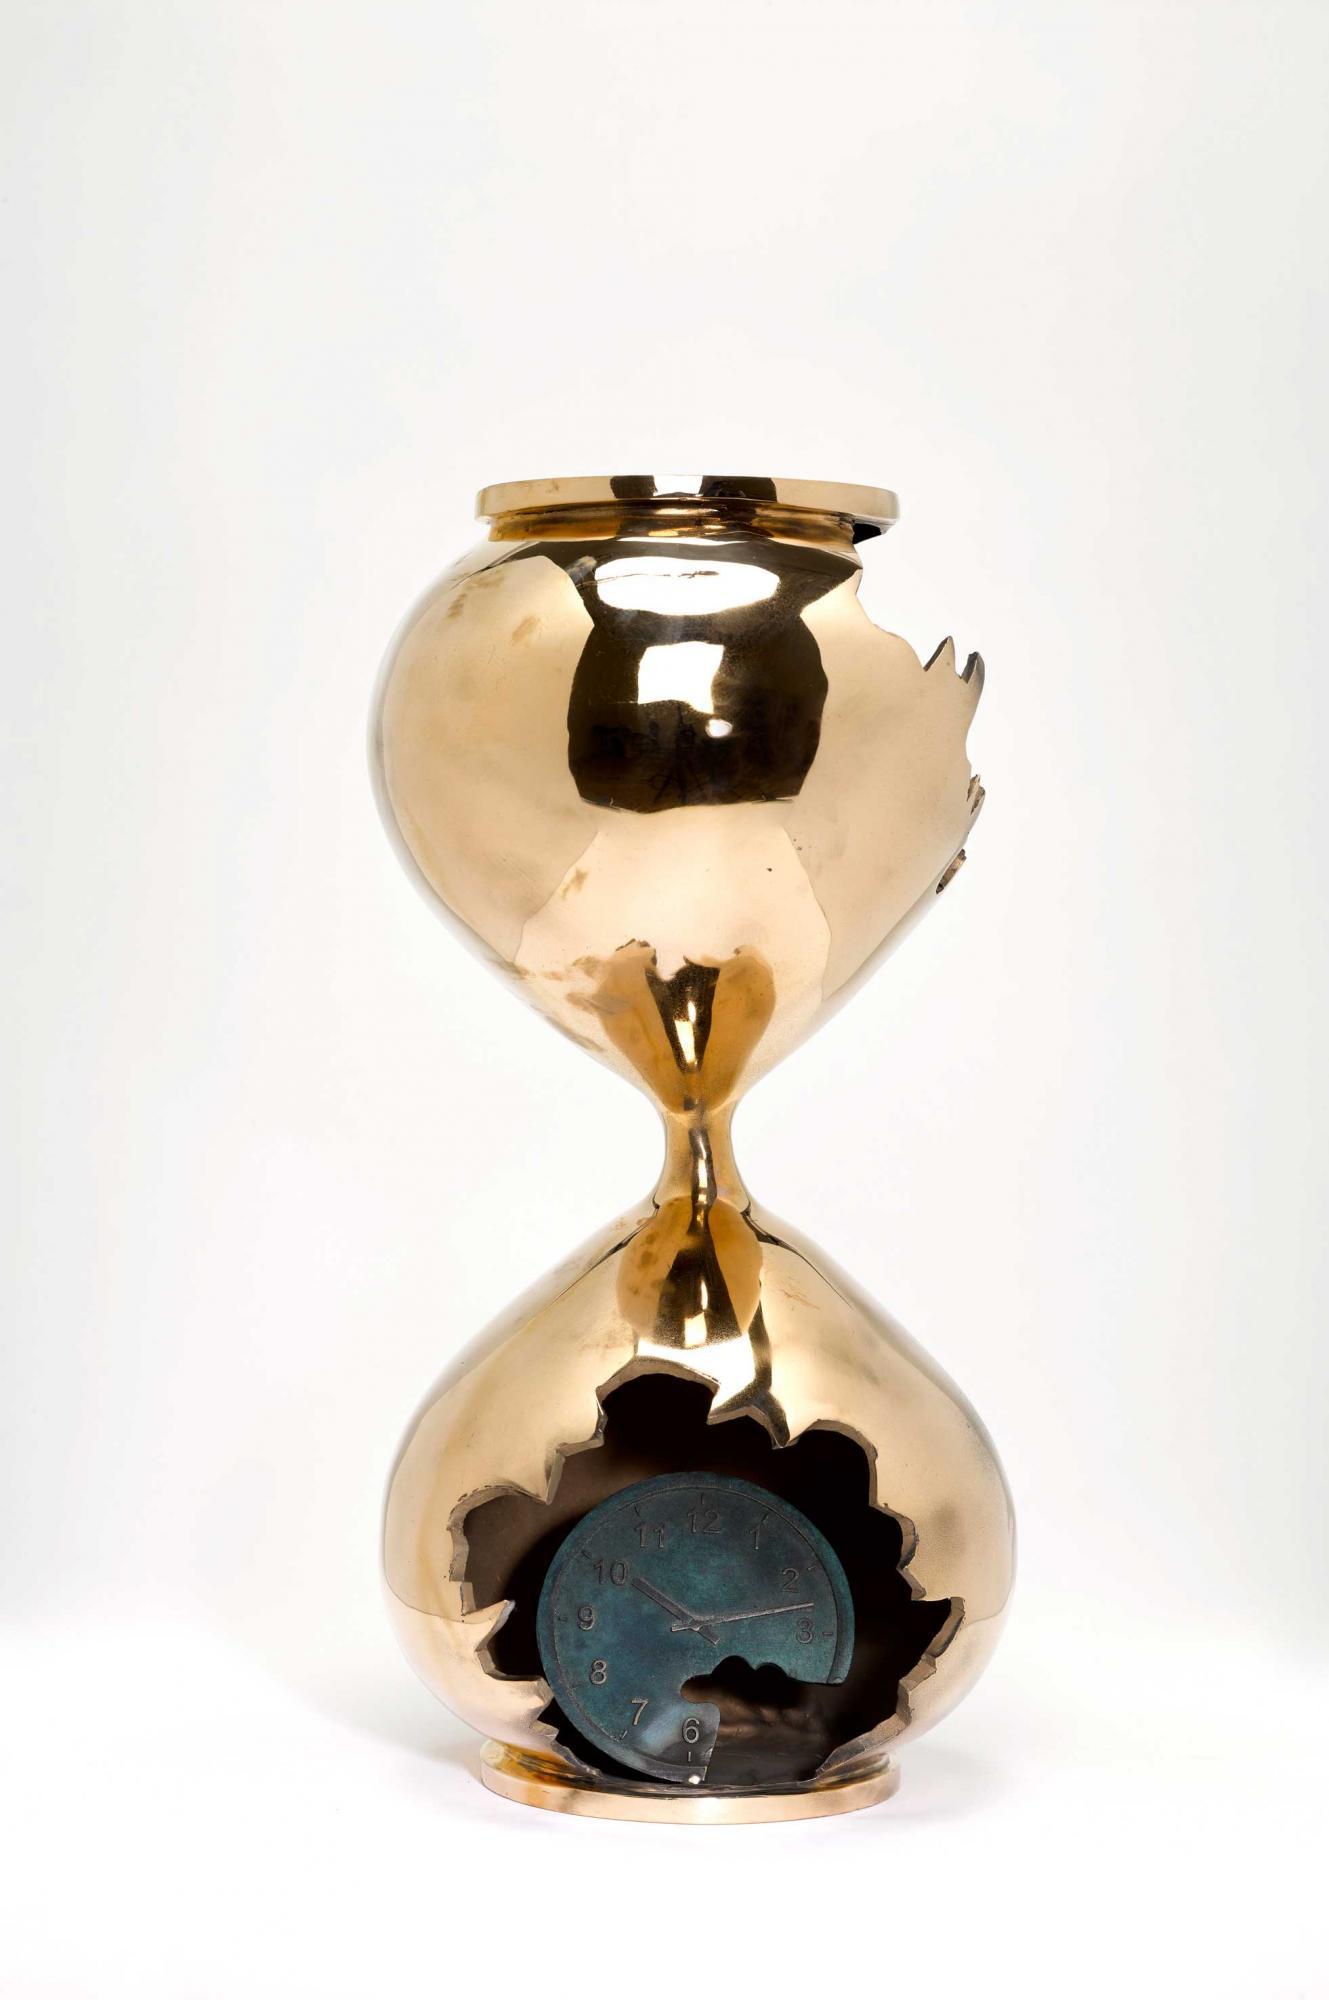 丹尼爾・阿爾軒 (1980年生) 《Bronze Hourglass》 銅 雕塑 (附原裝木箱) 38.7 (高) x 15.9 x 15.9 公分 (15 1/4 x 6 1/4 x 6 1/4 吋) 2019年作 版數:14/100 估價:港元40,000 – 60,000